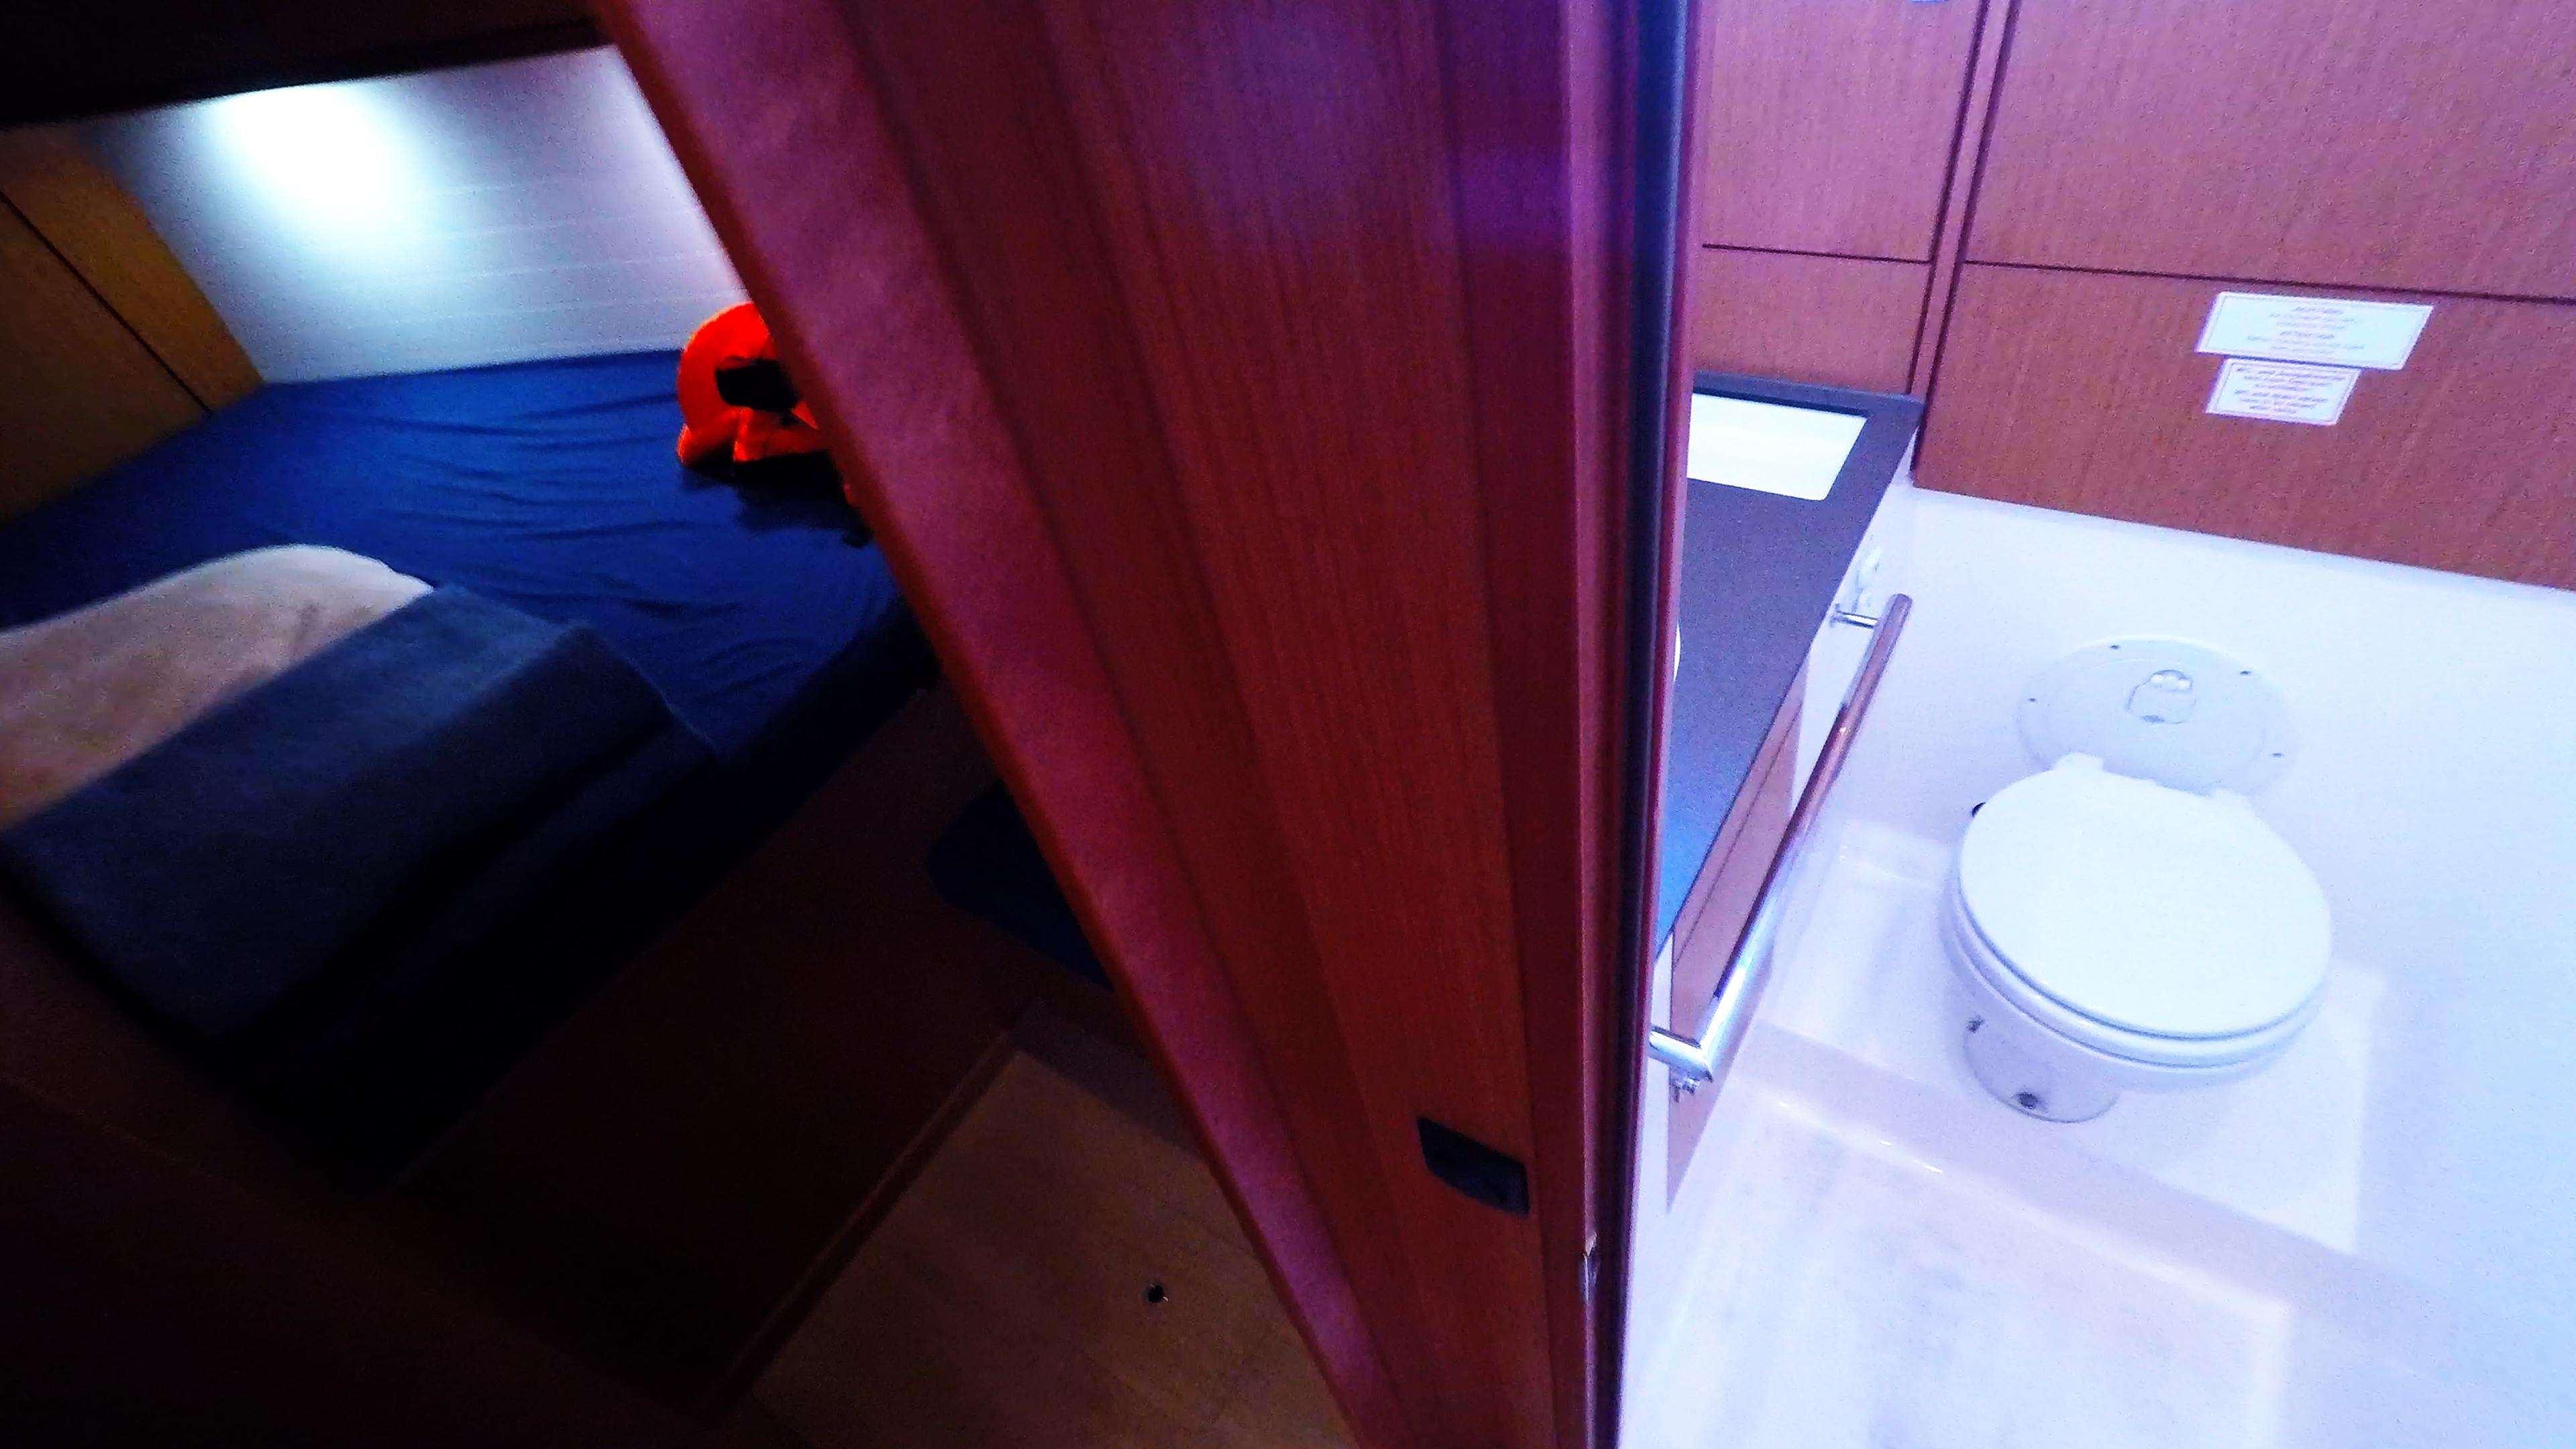 Segelyacht bavaria 46 cruiser Segelyacht Innere vordere rechte Kabine Toilette Toilette